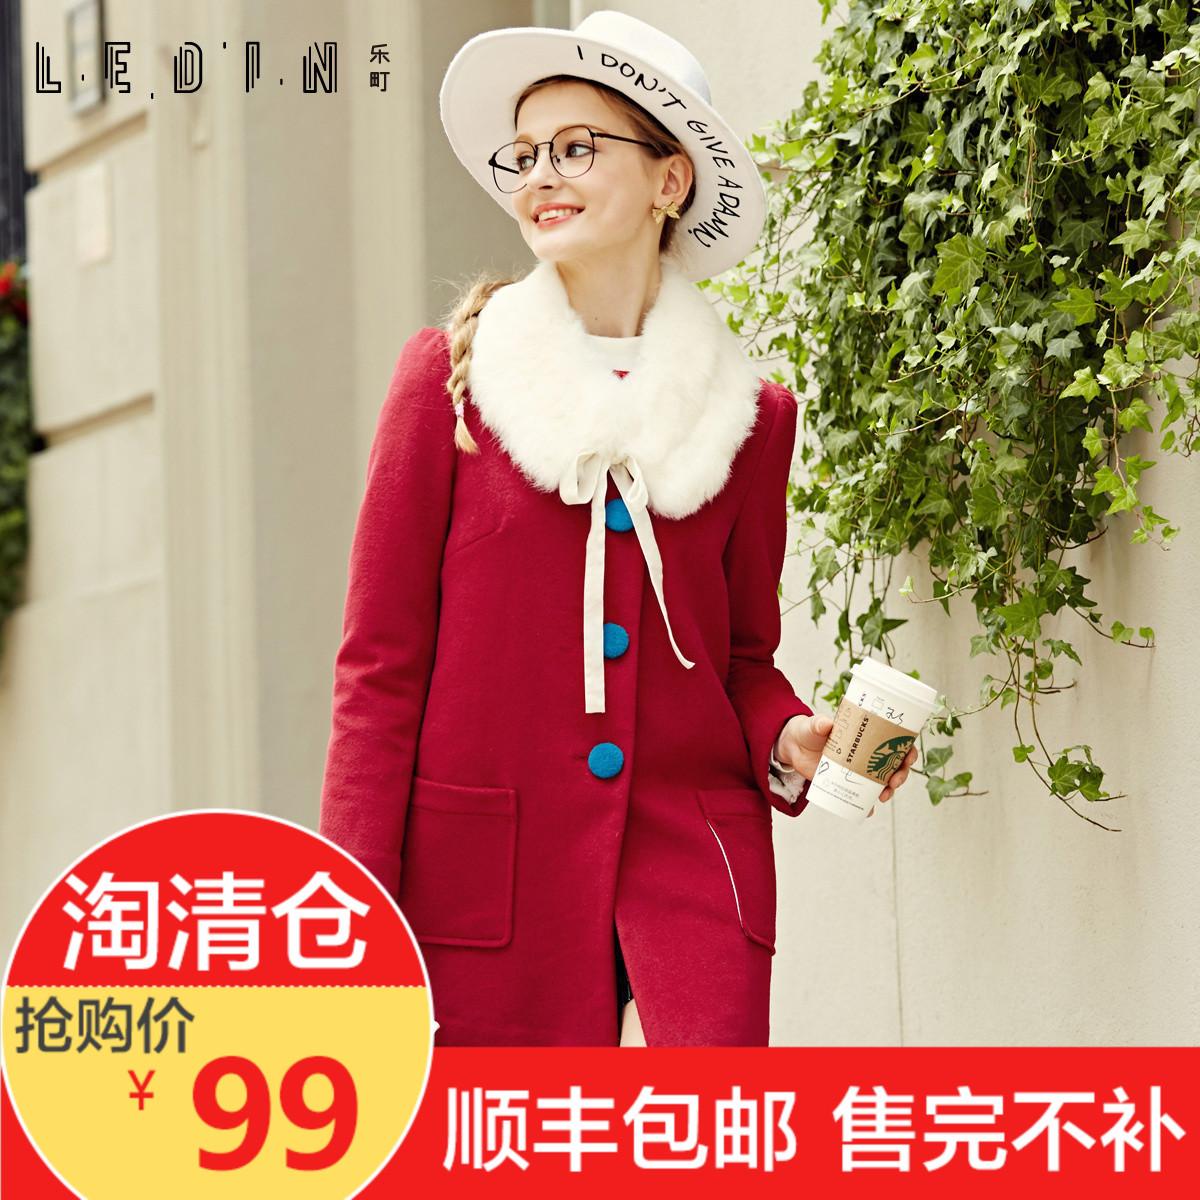 羊毛女中女装毛呢外套冬装兔毛呢子长款